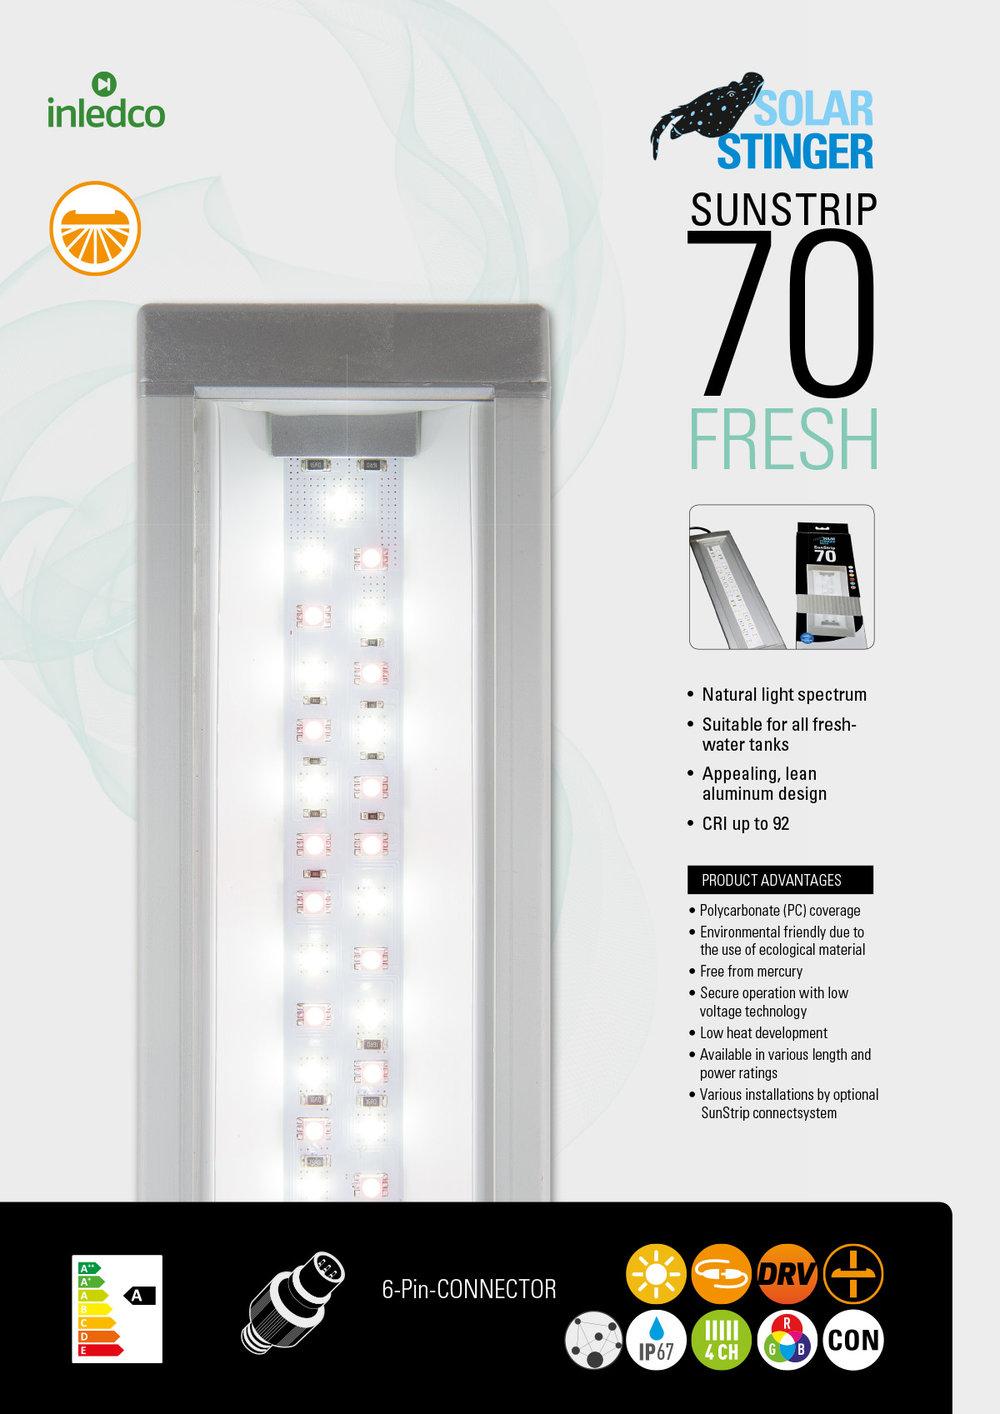 INLEDCO---SunStrip-70-Fresh-1.jpg